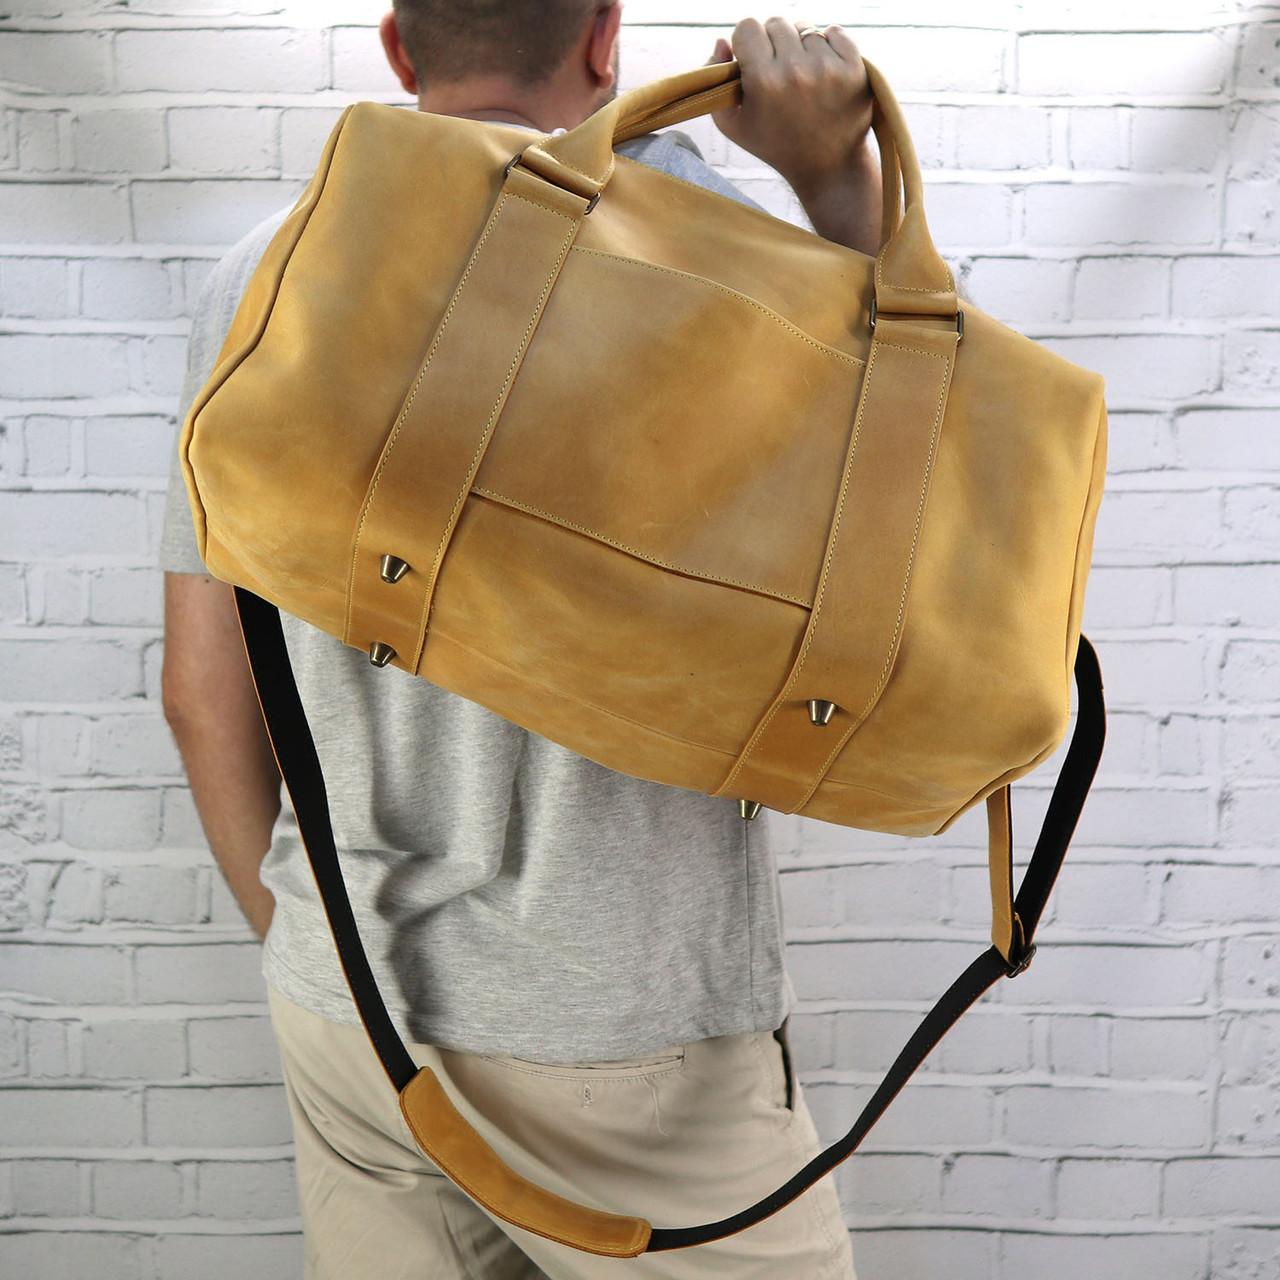 Дорожная сумка cube long желтая из натуральной кожи crazy horse